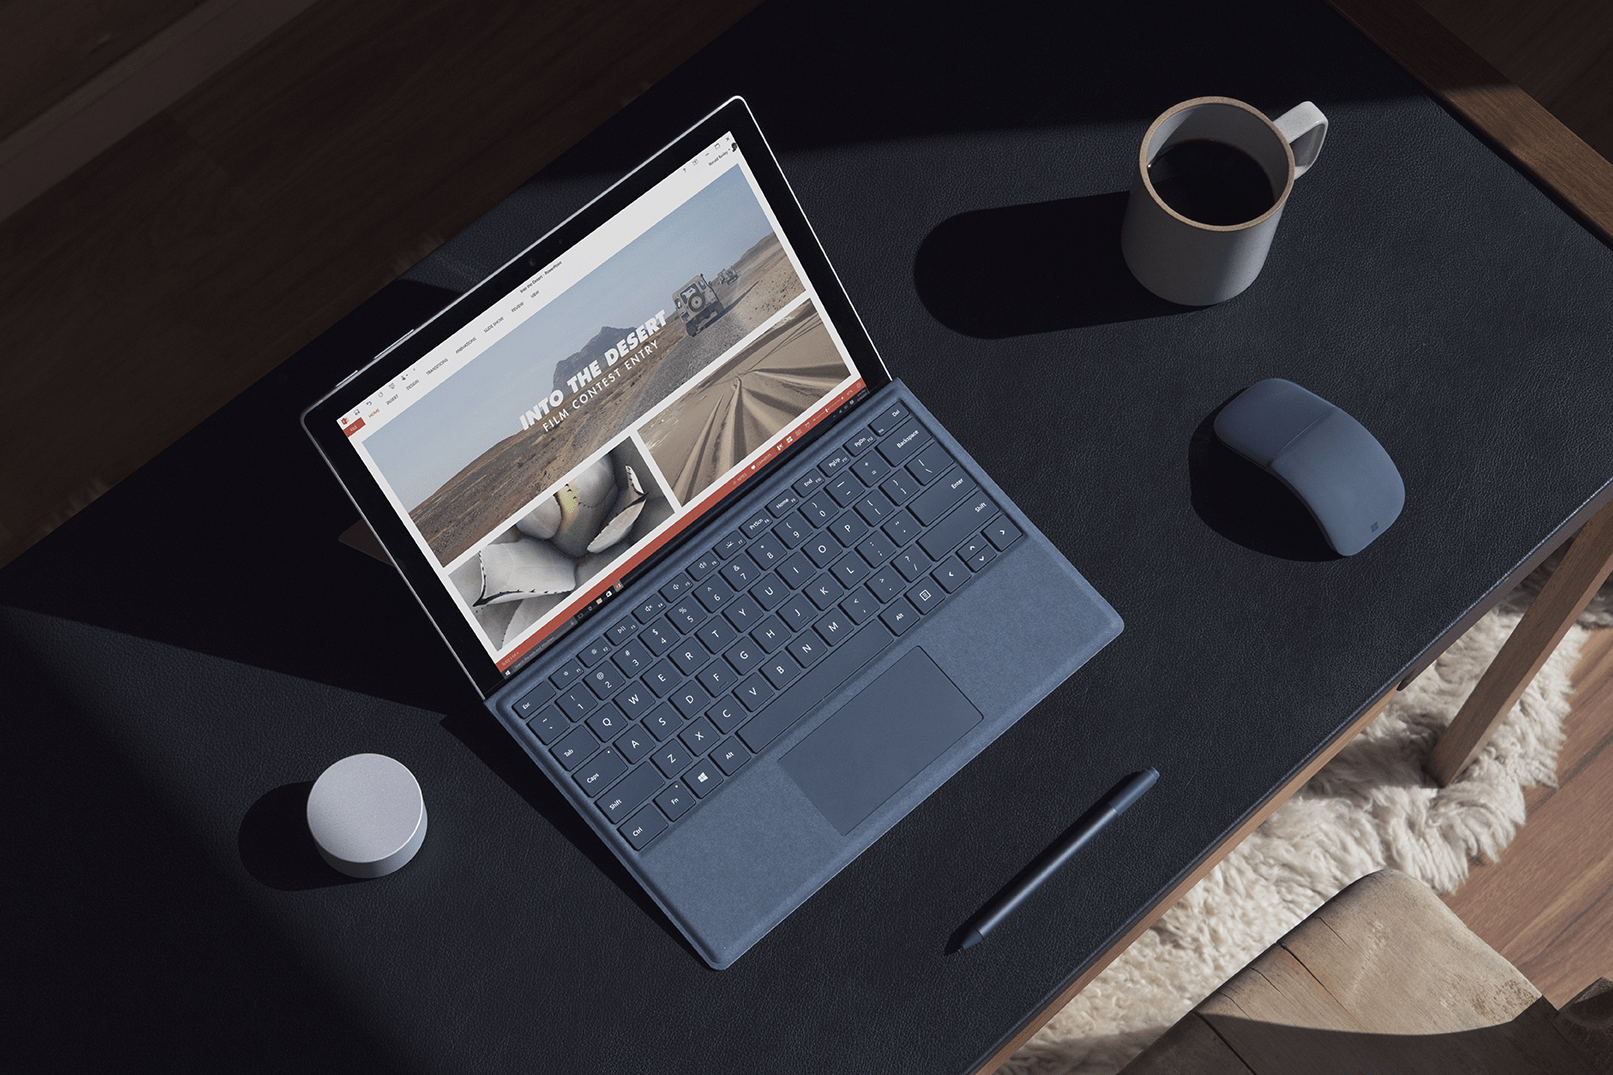 Windows 10 : 5 trucs et astuces réellement utiles à découvrir avec les dernières versions